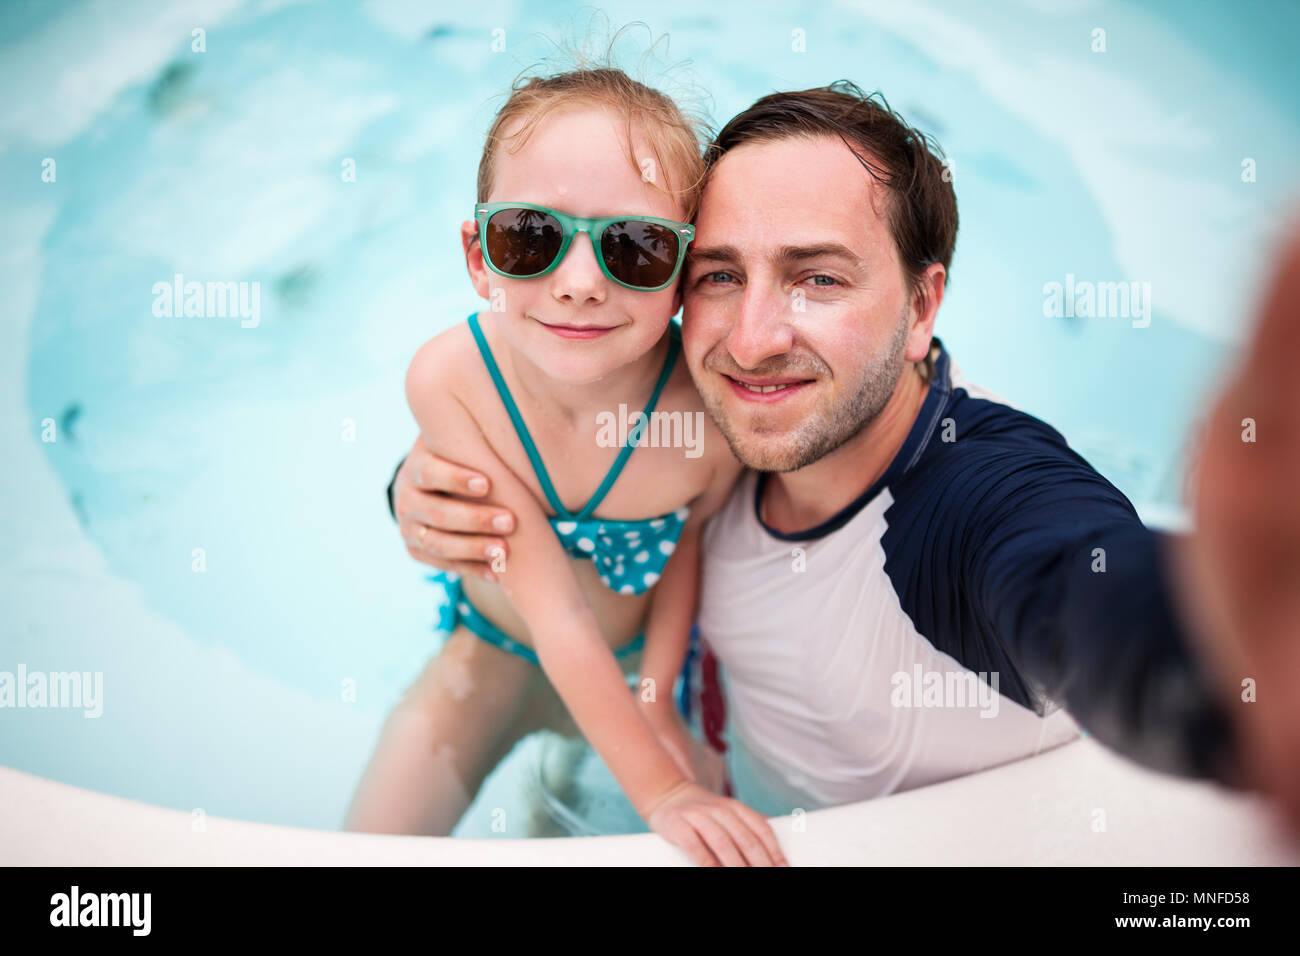 Glückliche Familie Vater und seine entzückende kleine Tochter im Swimmingpool im Freien, der die selfie Stockbild